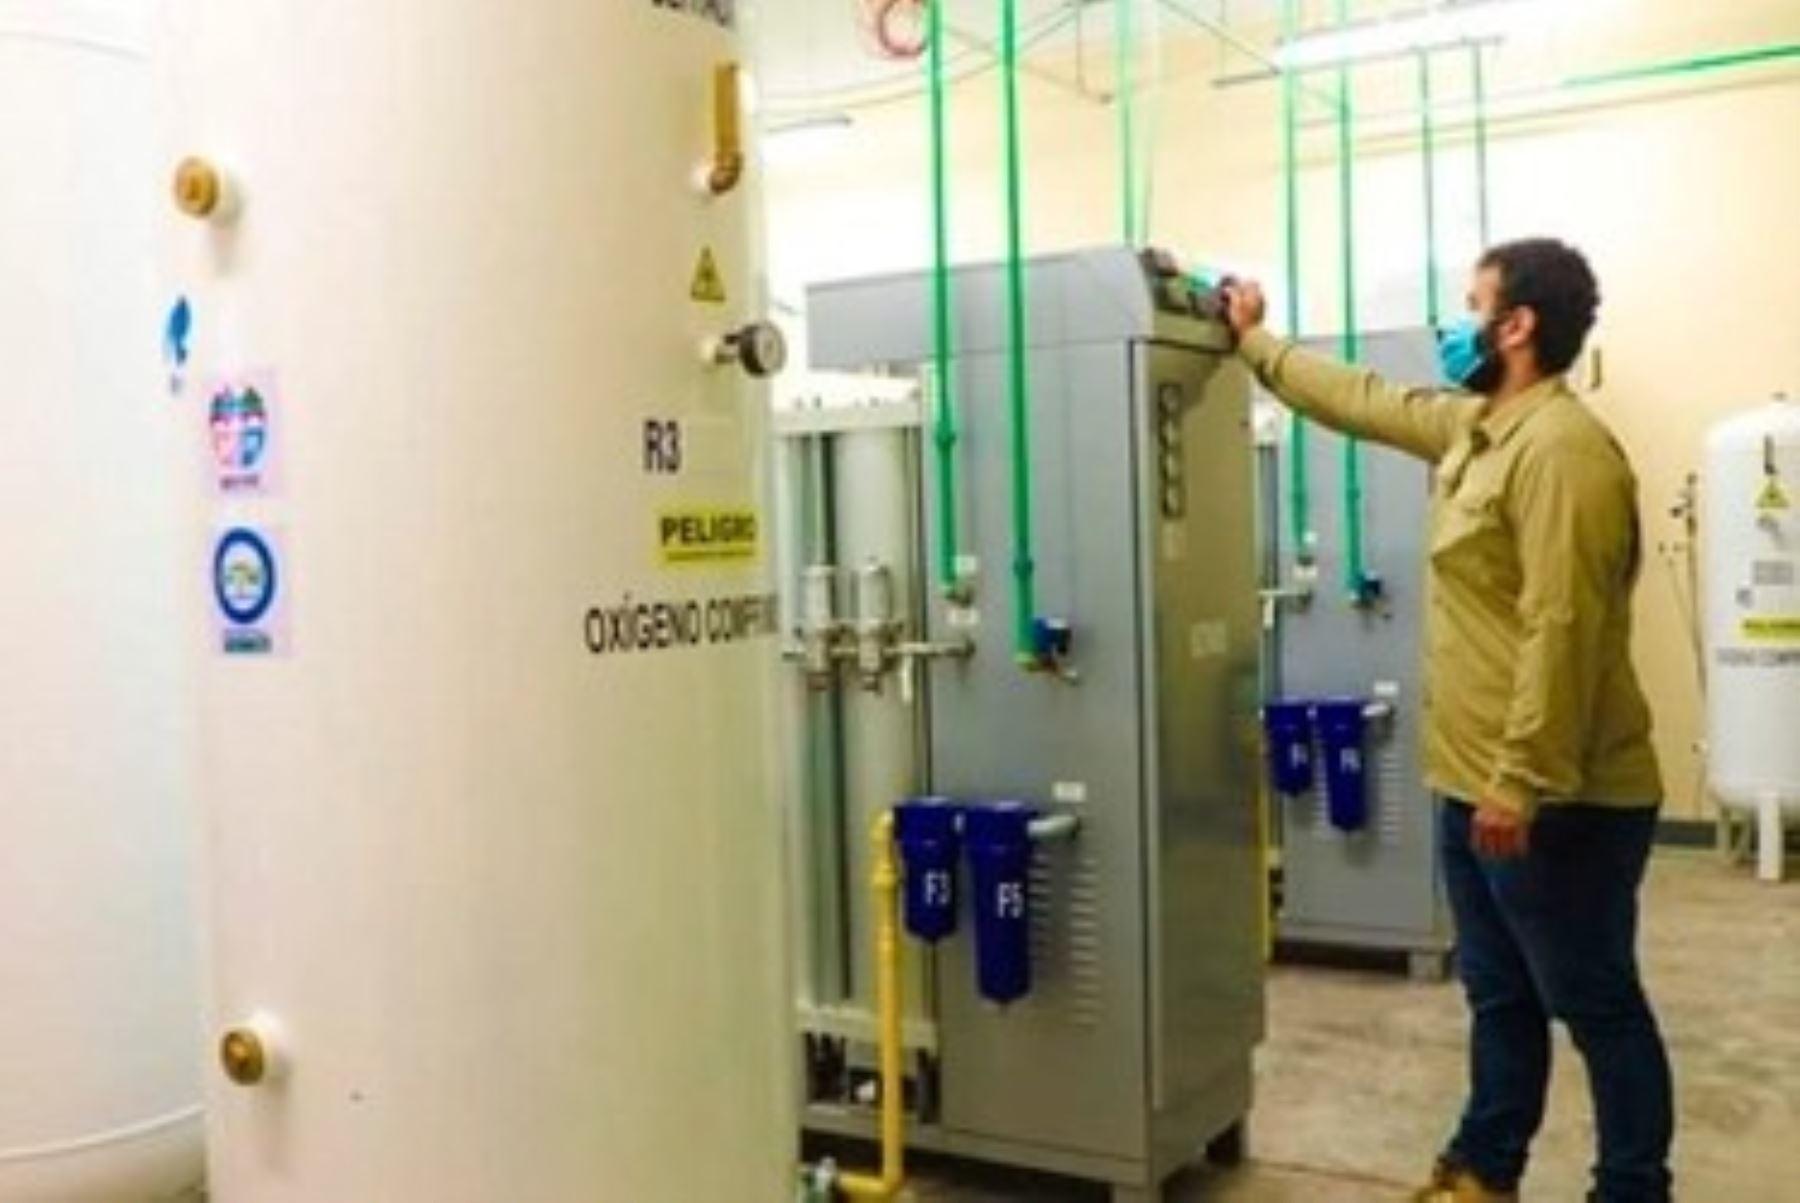 La planta de oxígeno funciona en el distrito de Villa El Salvador, al sur de la ciudad de Lima, Perú. Foto referencial. Foto: ANDINA/Difusión